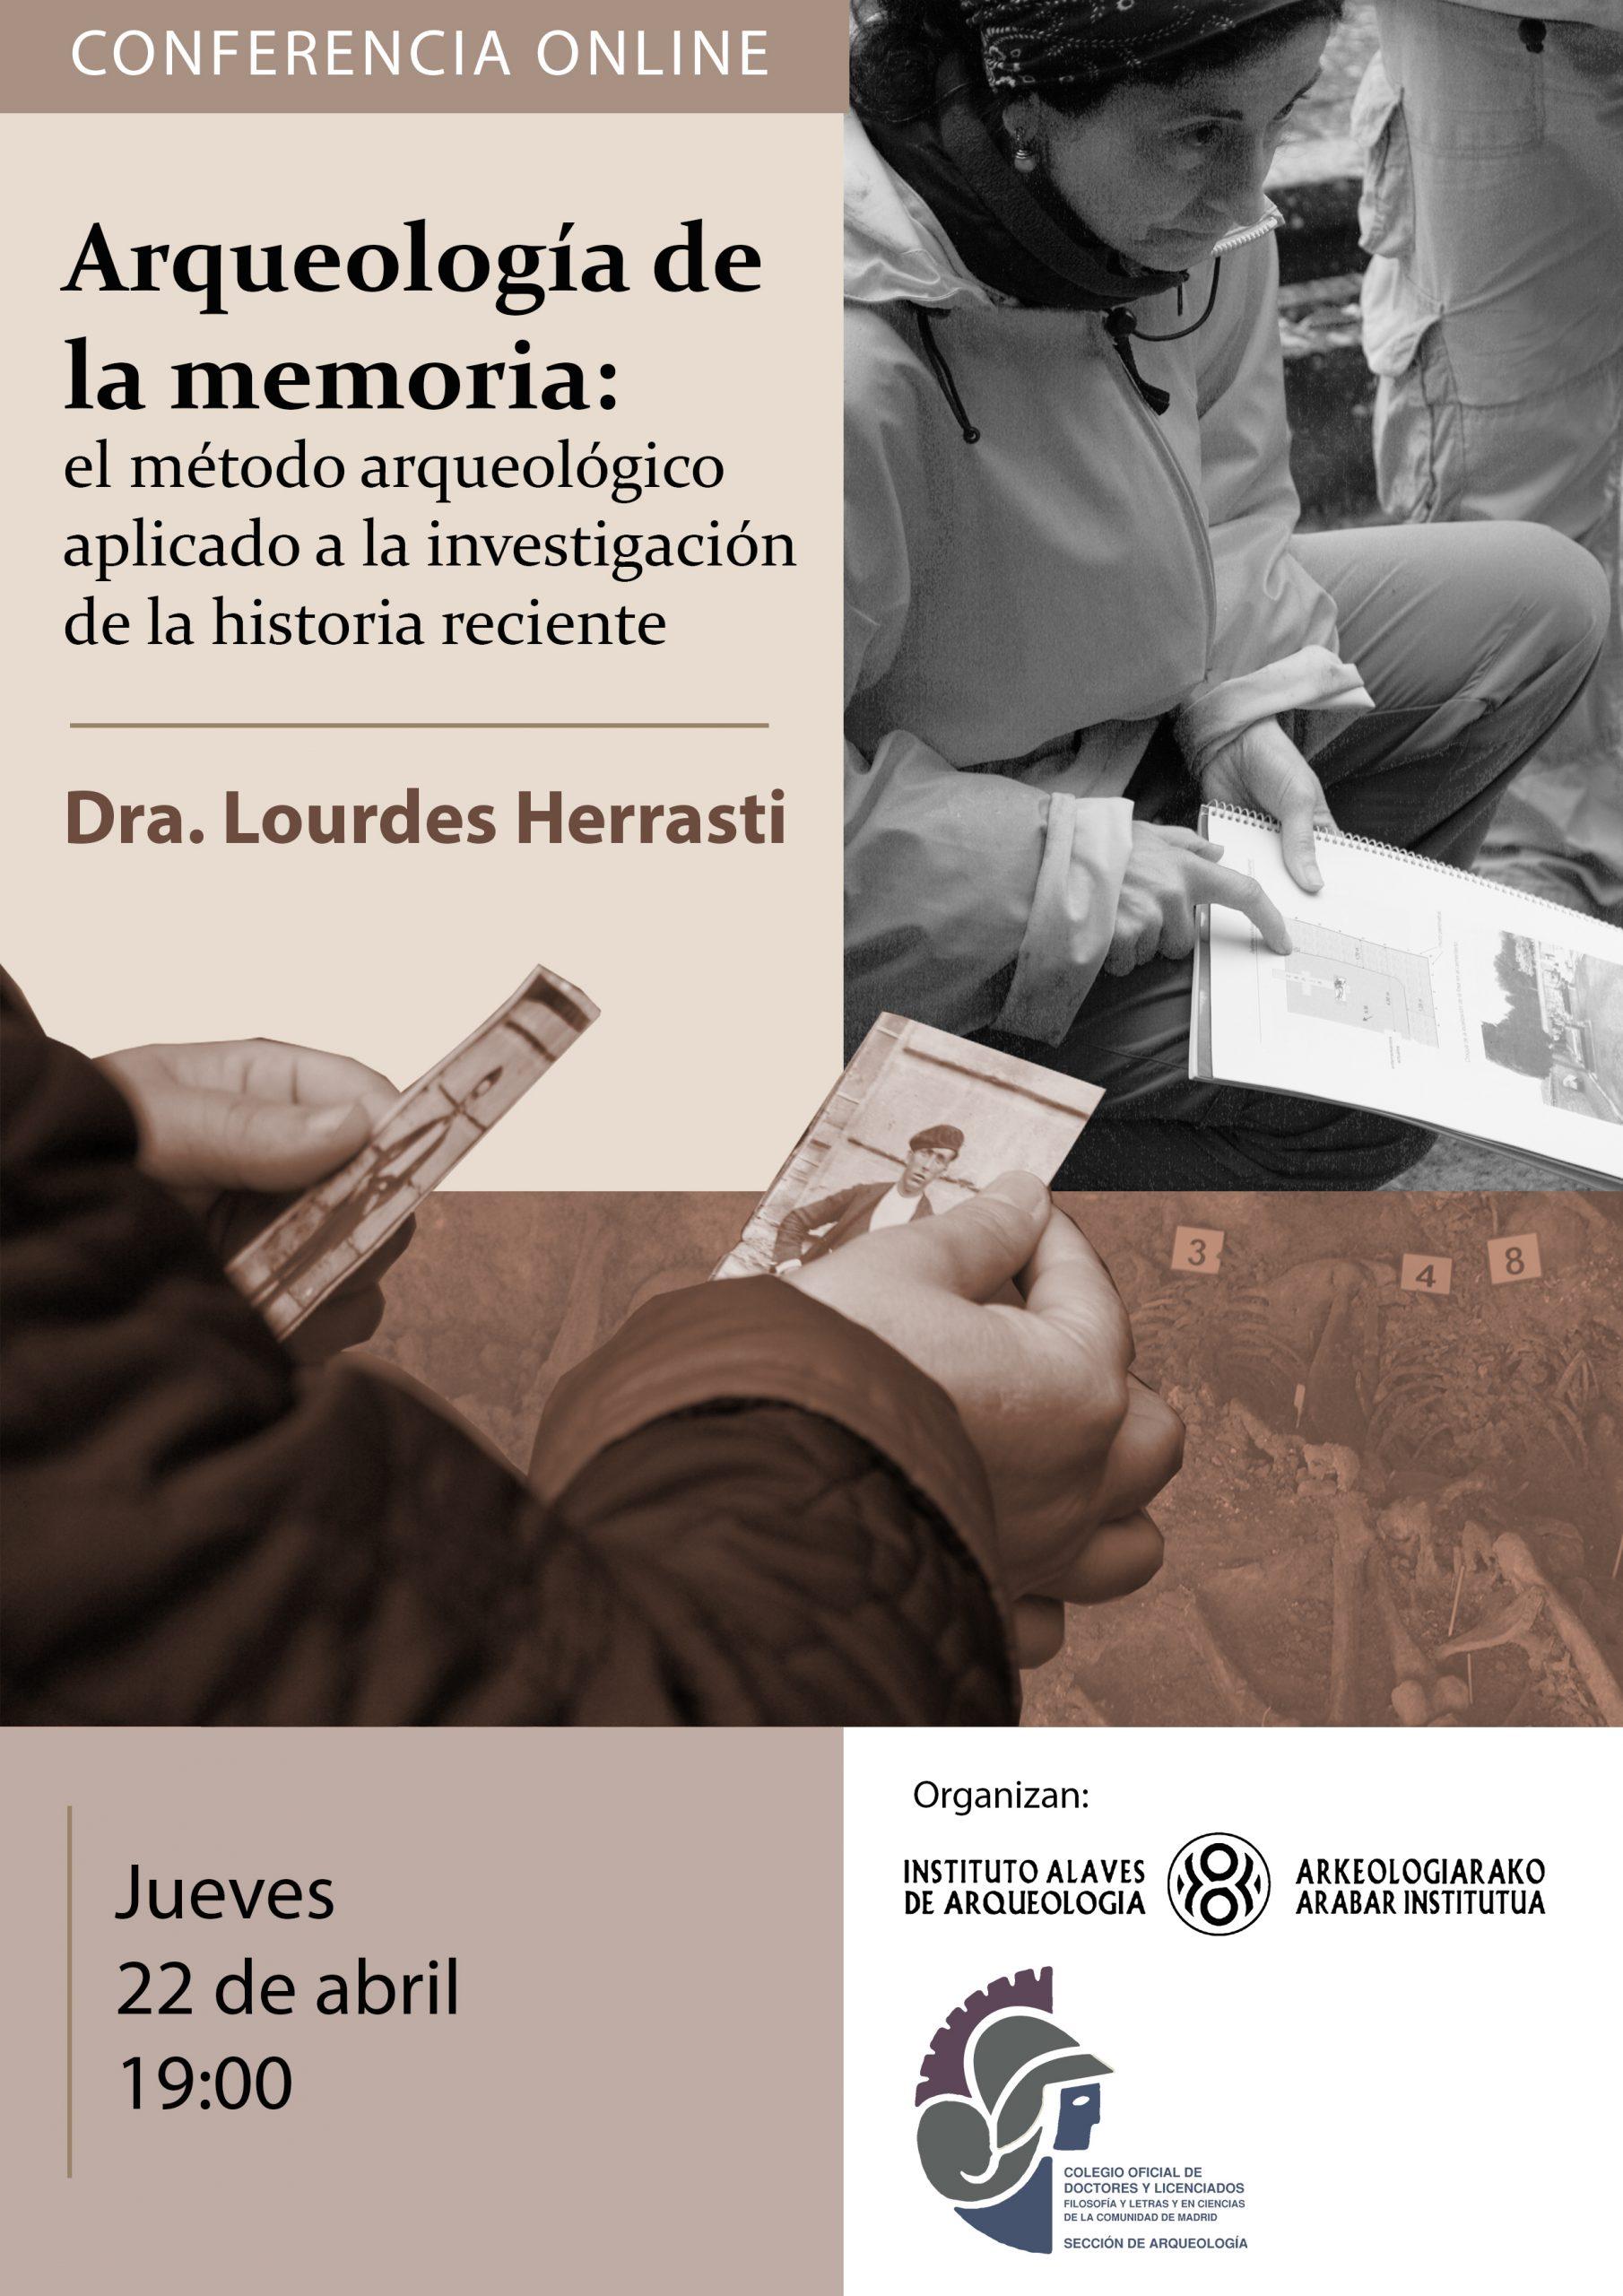 Arqueología de la memoria